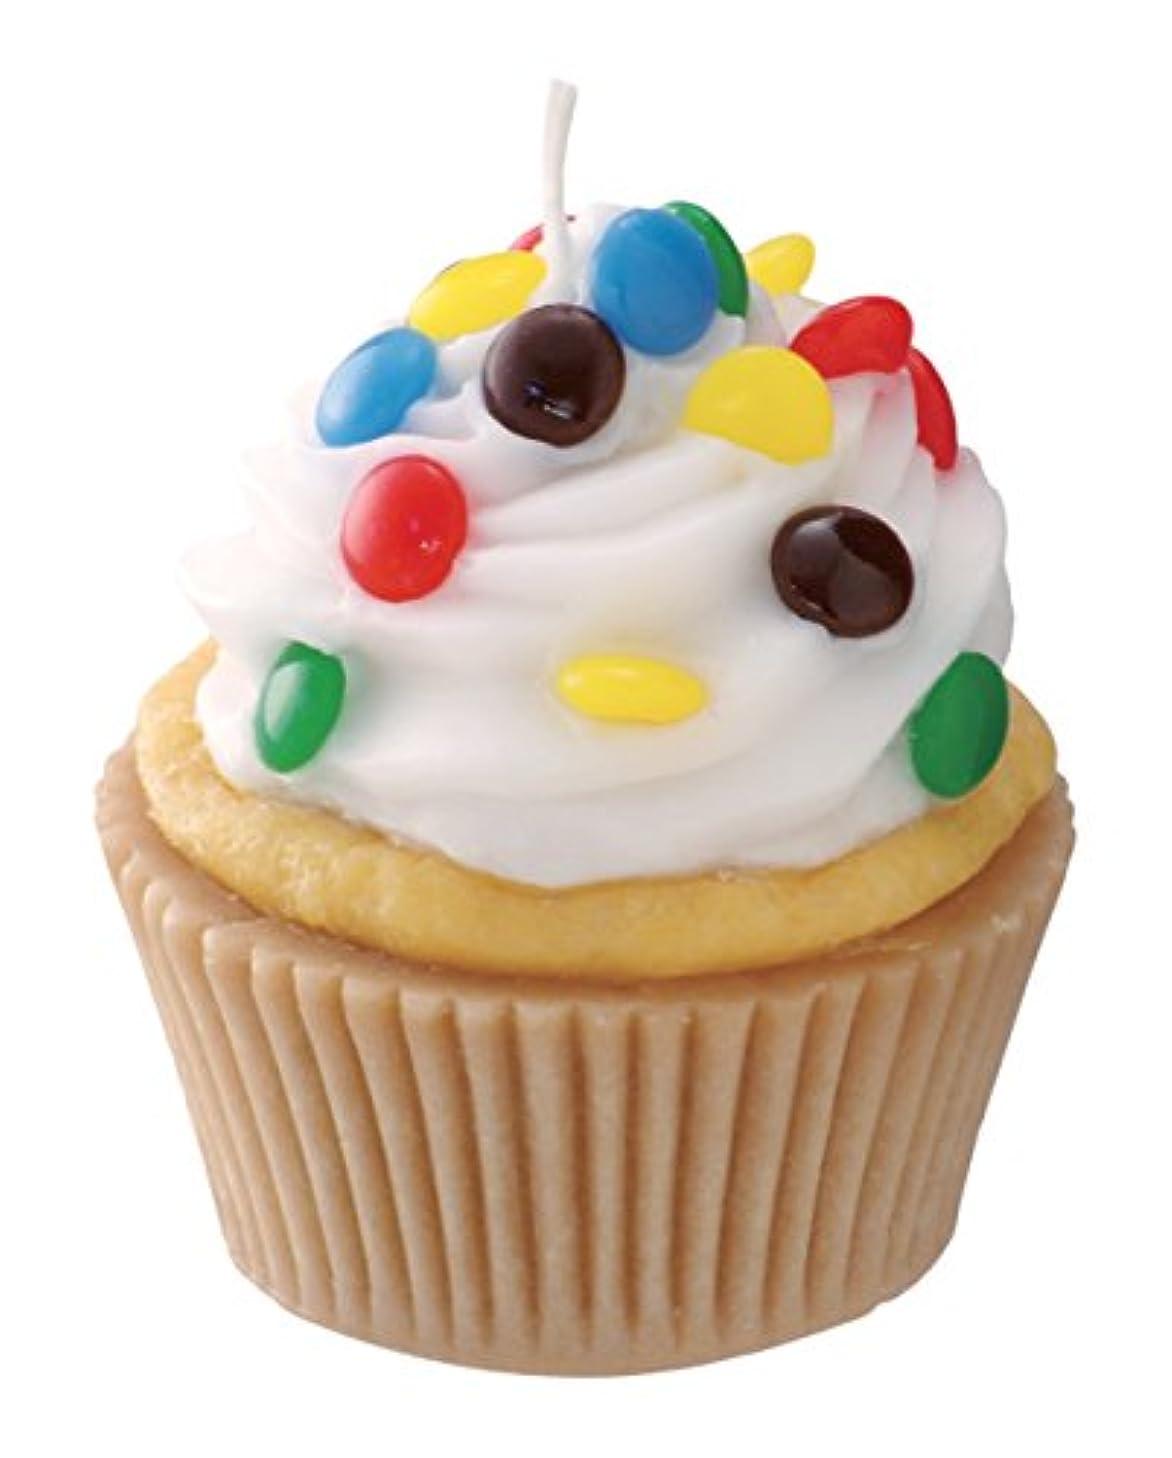 レンダーはさみ加入カメヤマキャンドルハウス 本物そっくり! アメリカンカップケーキキャンドル ホワイトクリーム チョコレートの香り